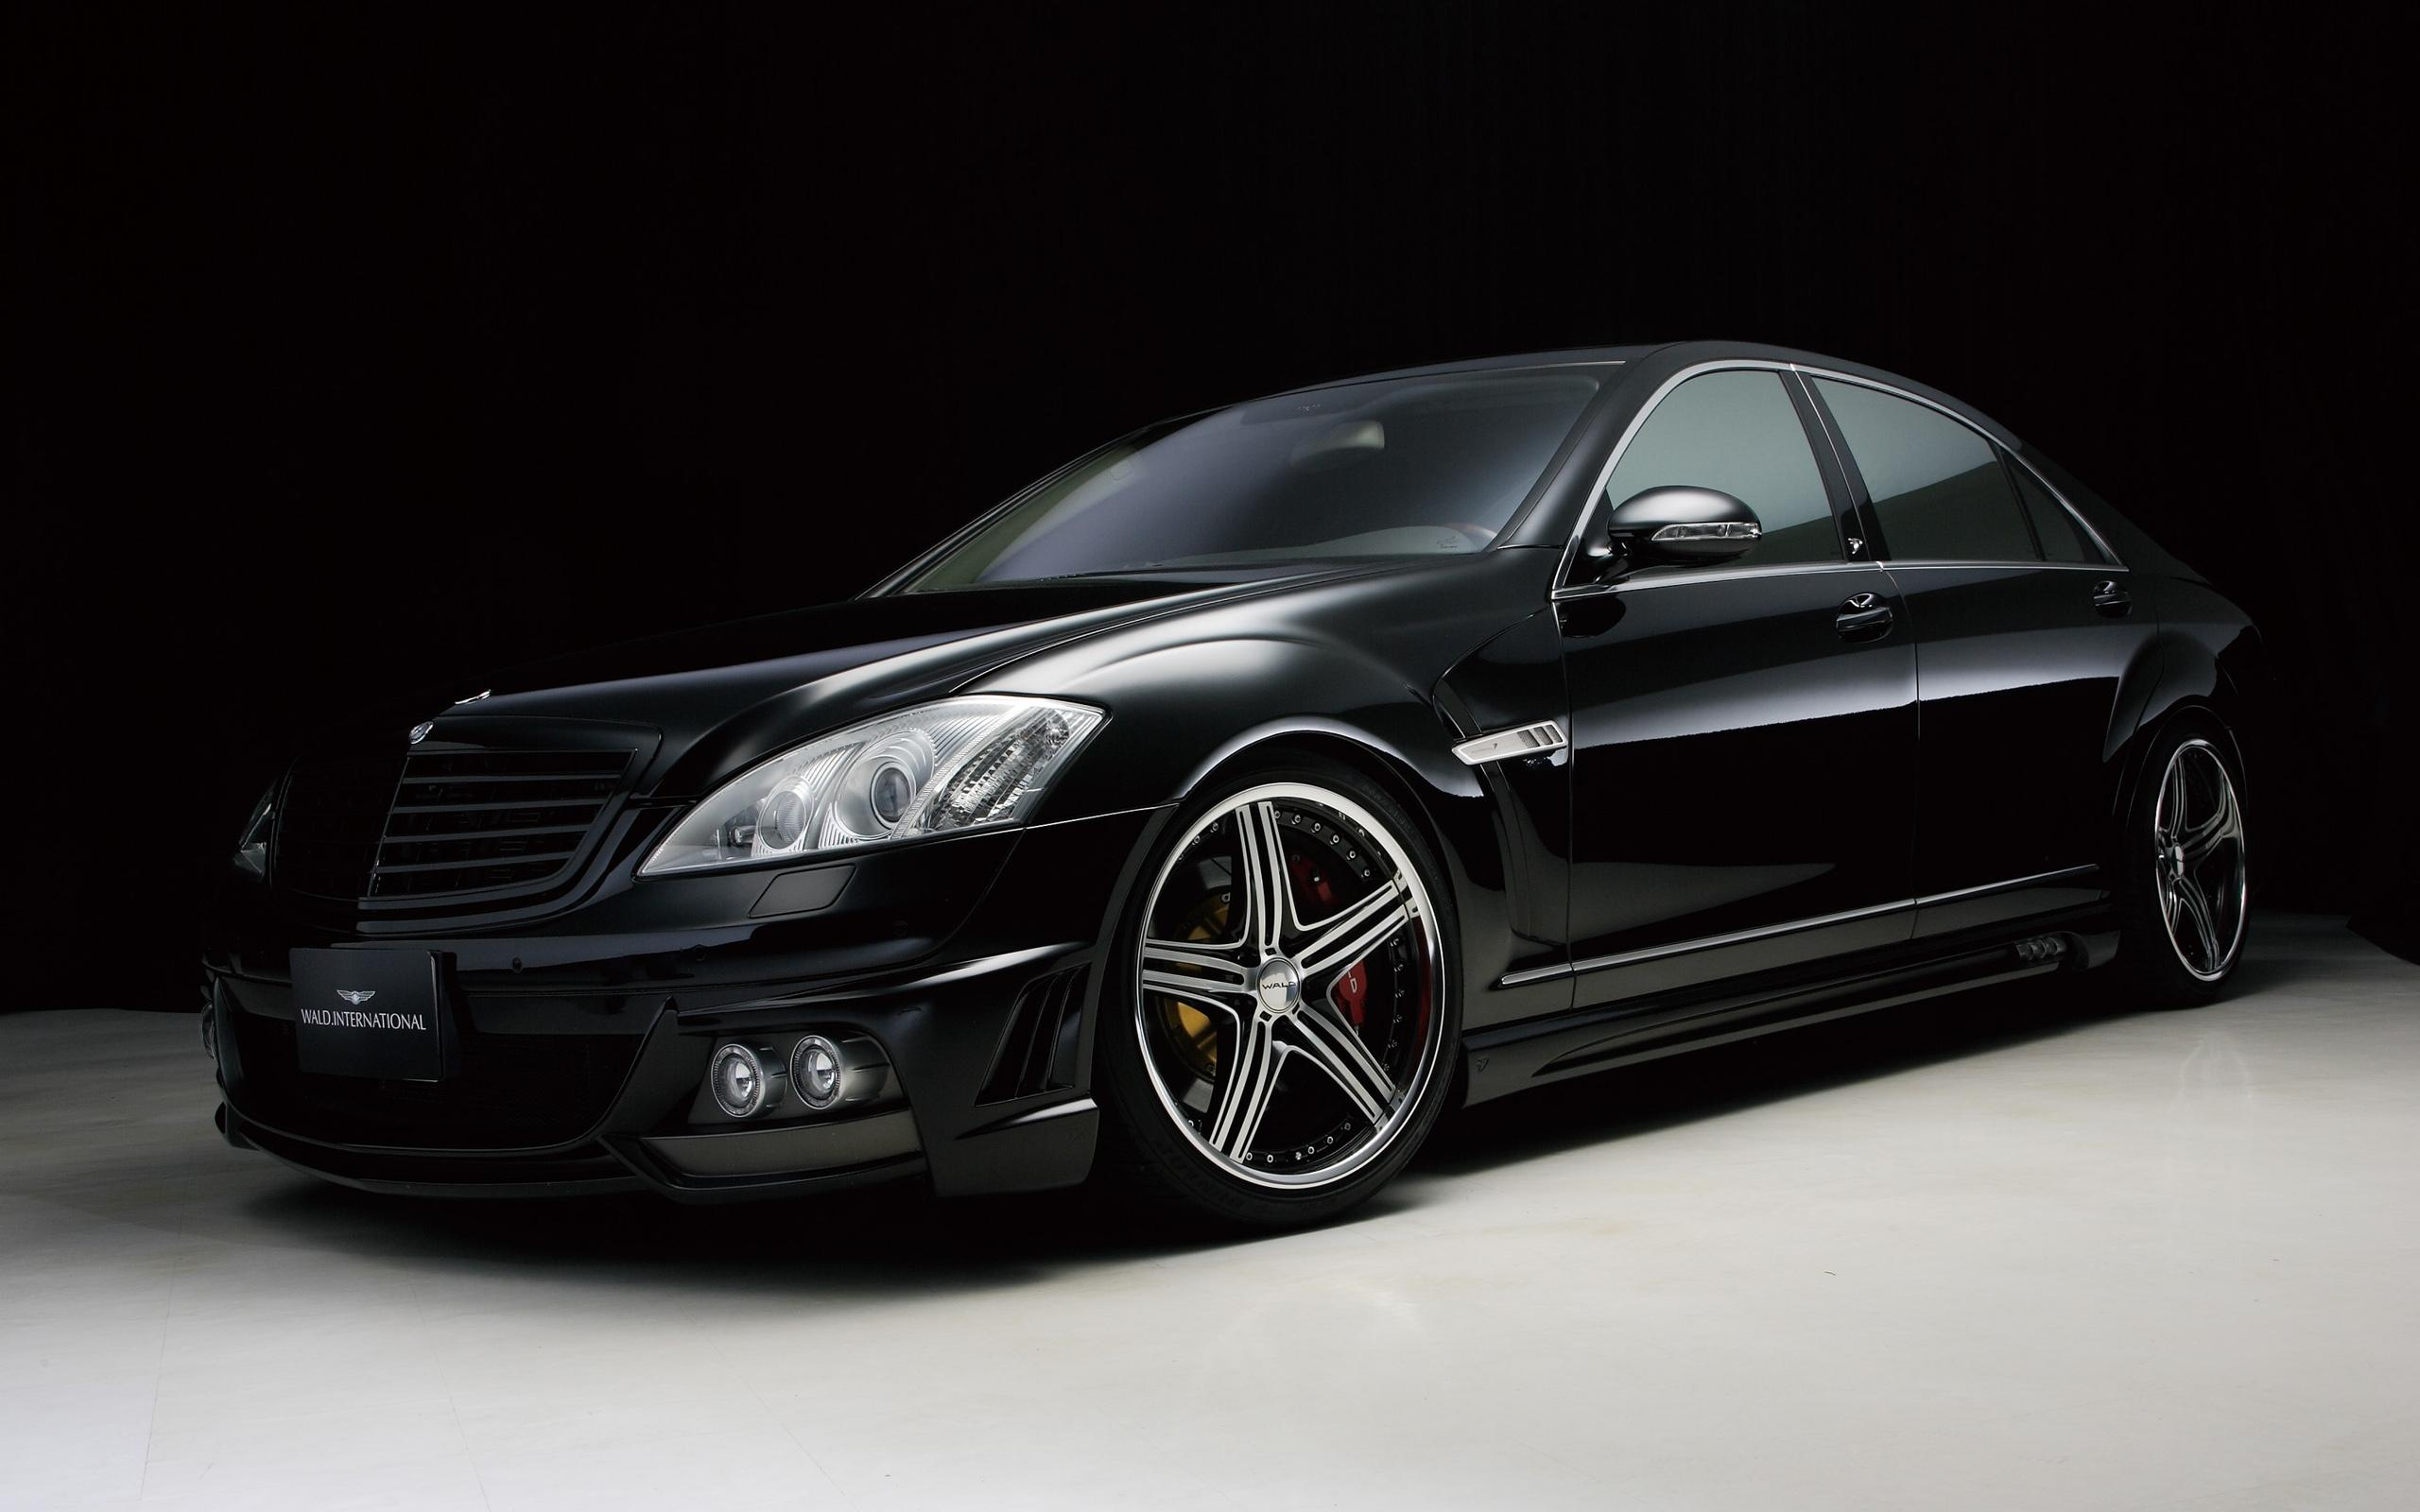 Mercedes Wald S Класс обои 2560x1600.: hq-oboi.ru/wall/mercedes_wald_s_klass_2560x1600